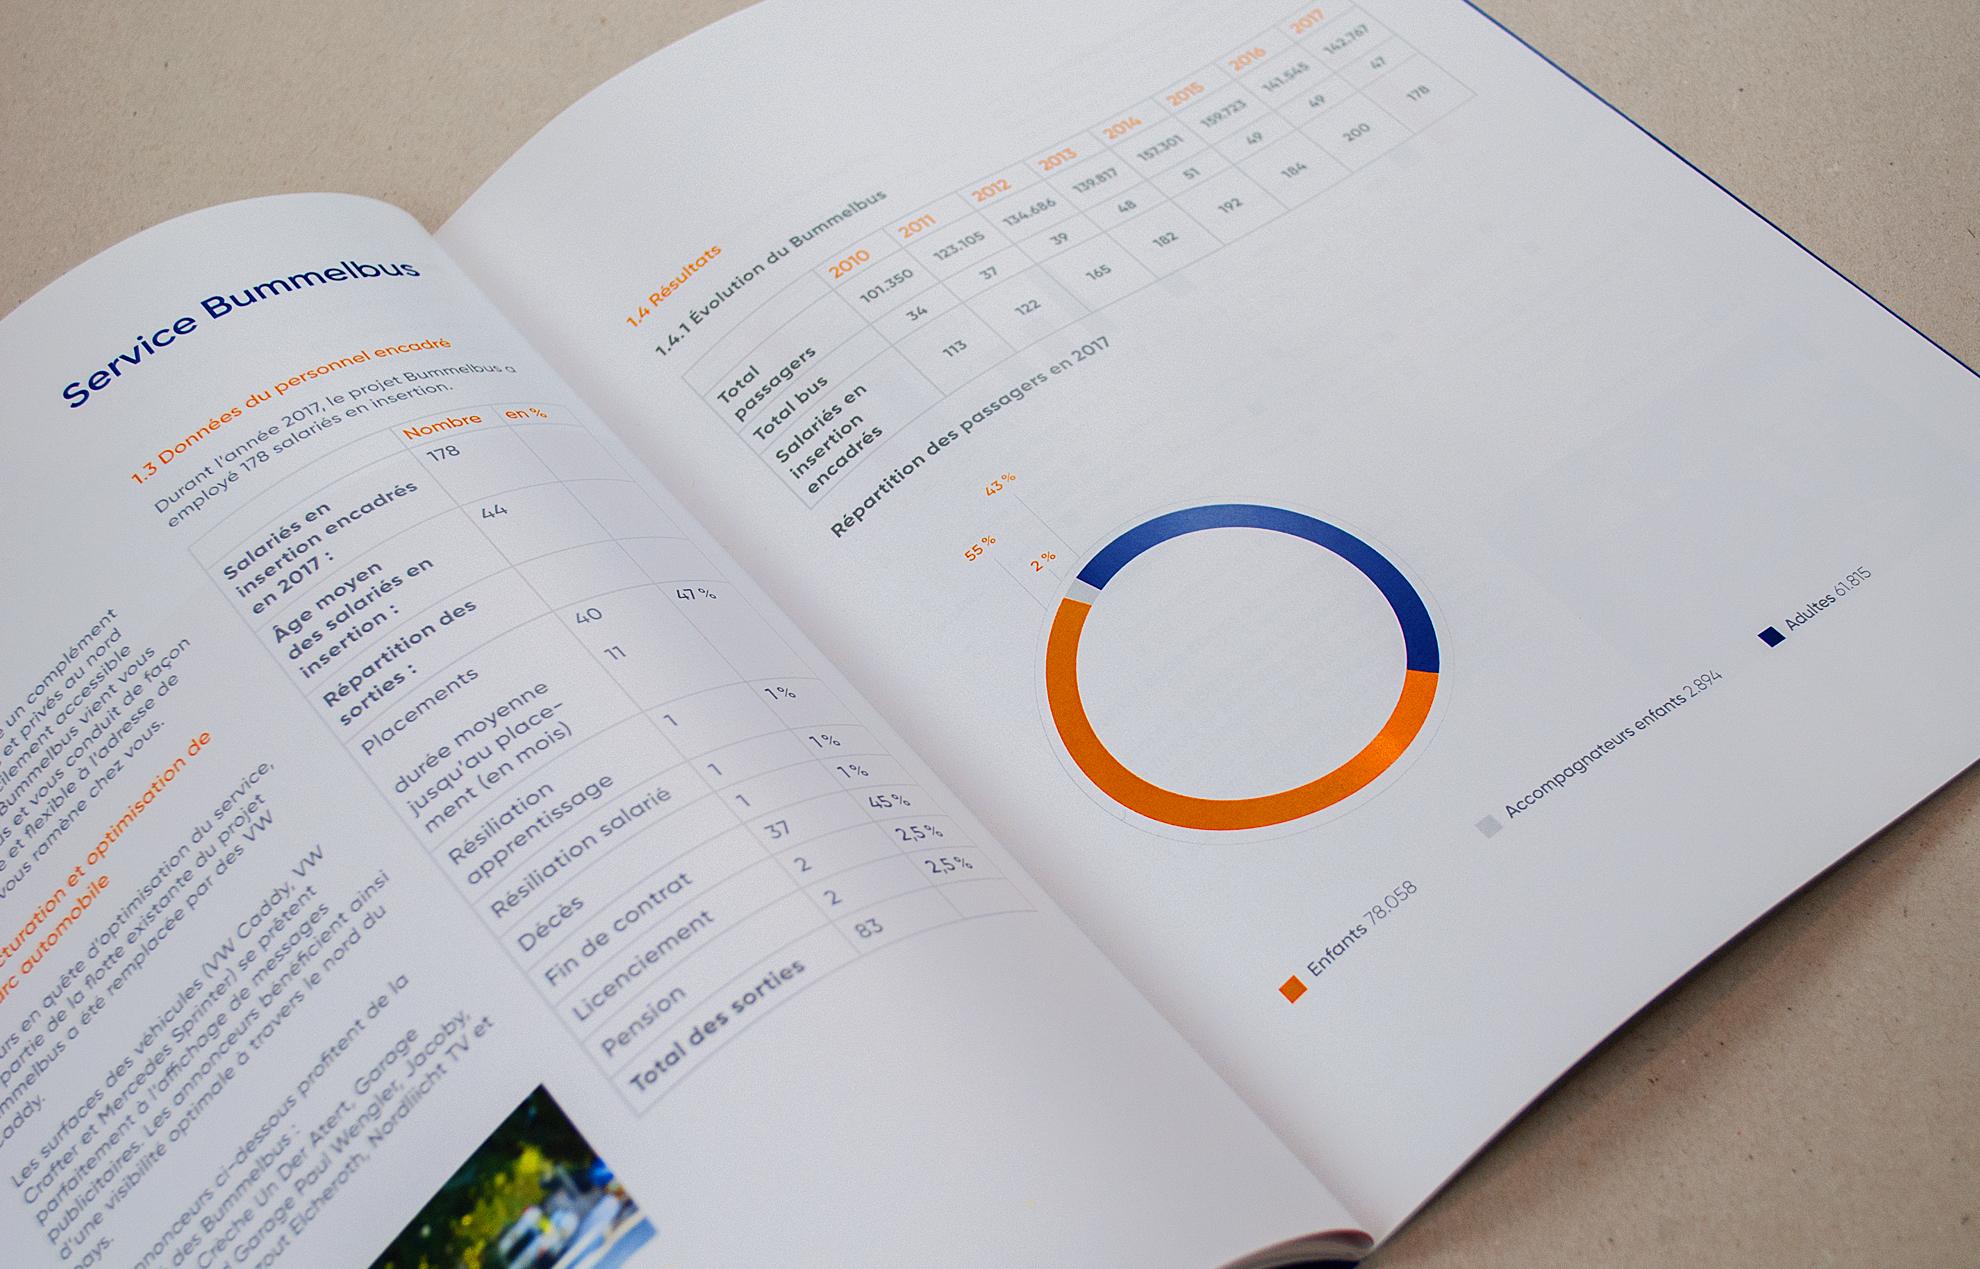 Forum pour l'emploi rapport d'activité éditorial design